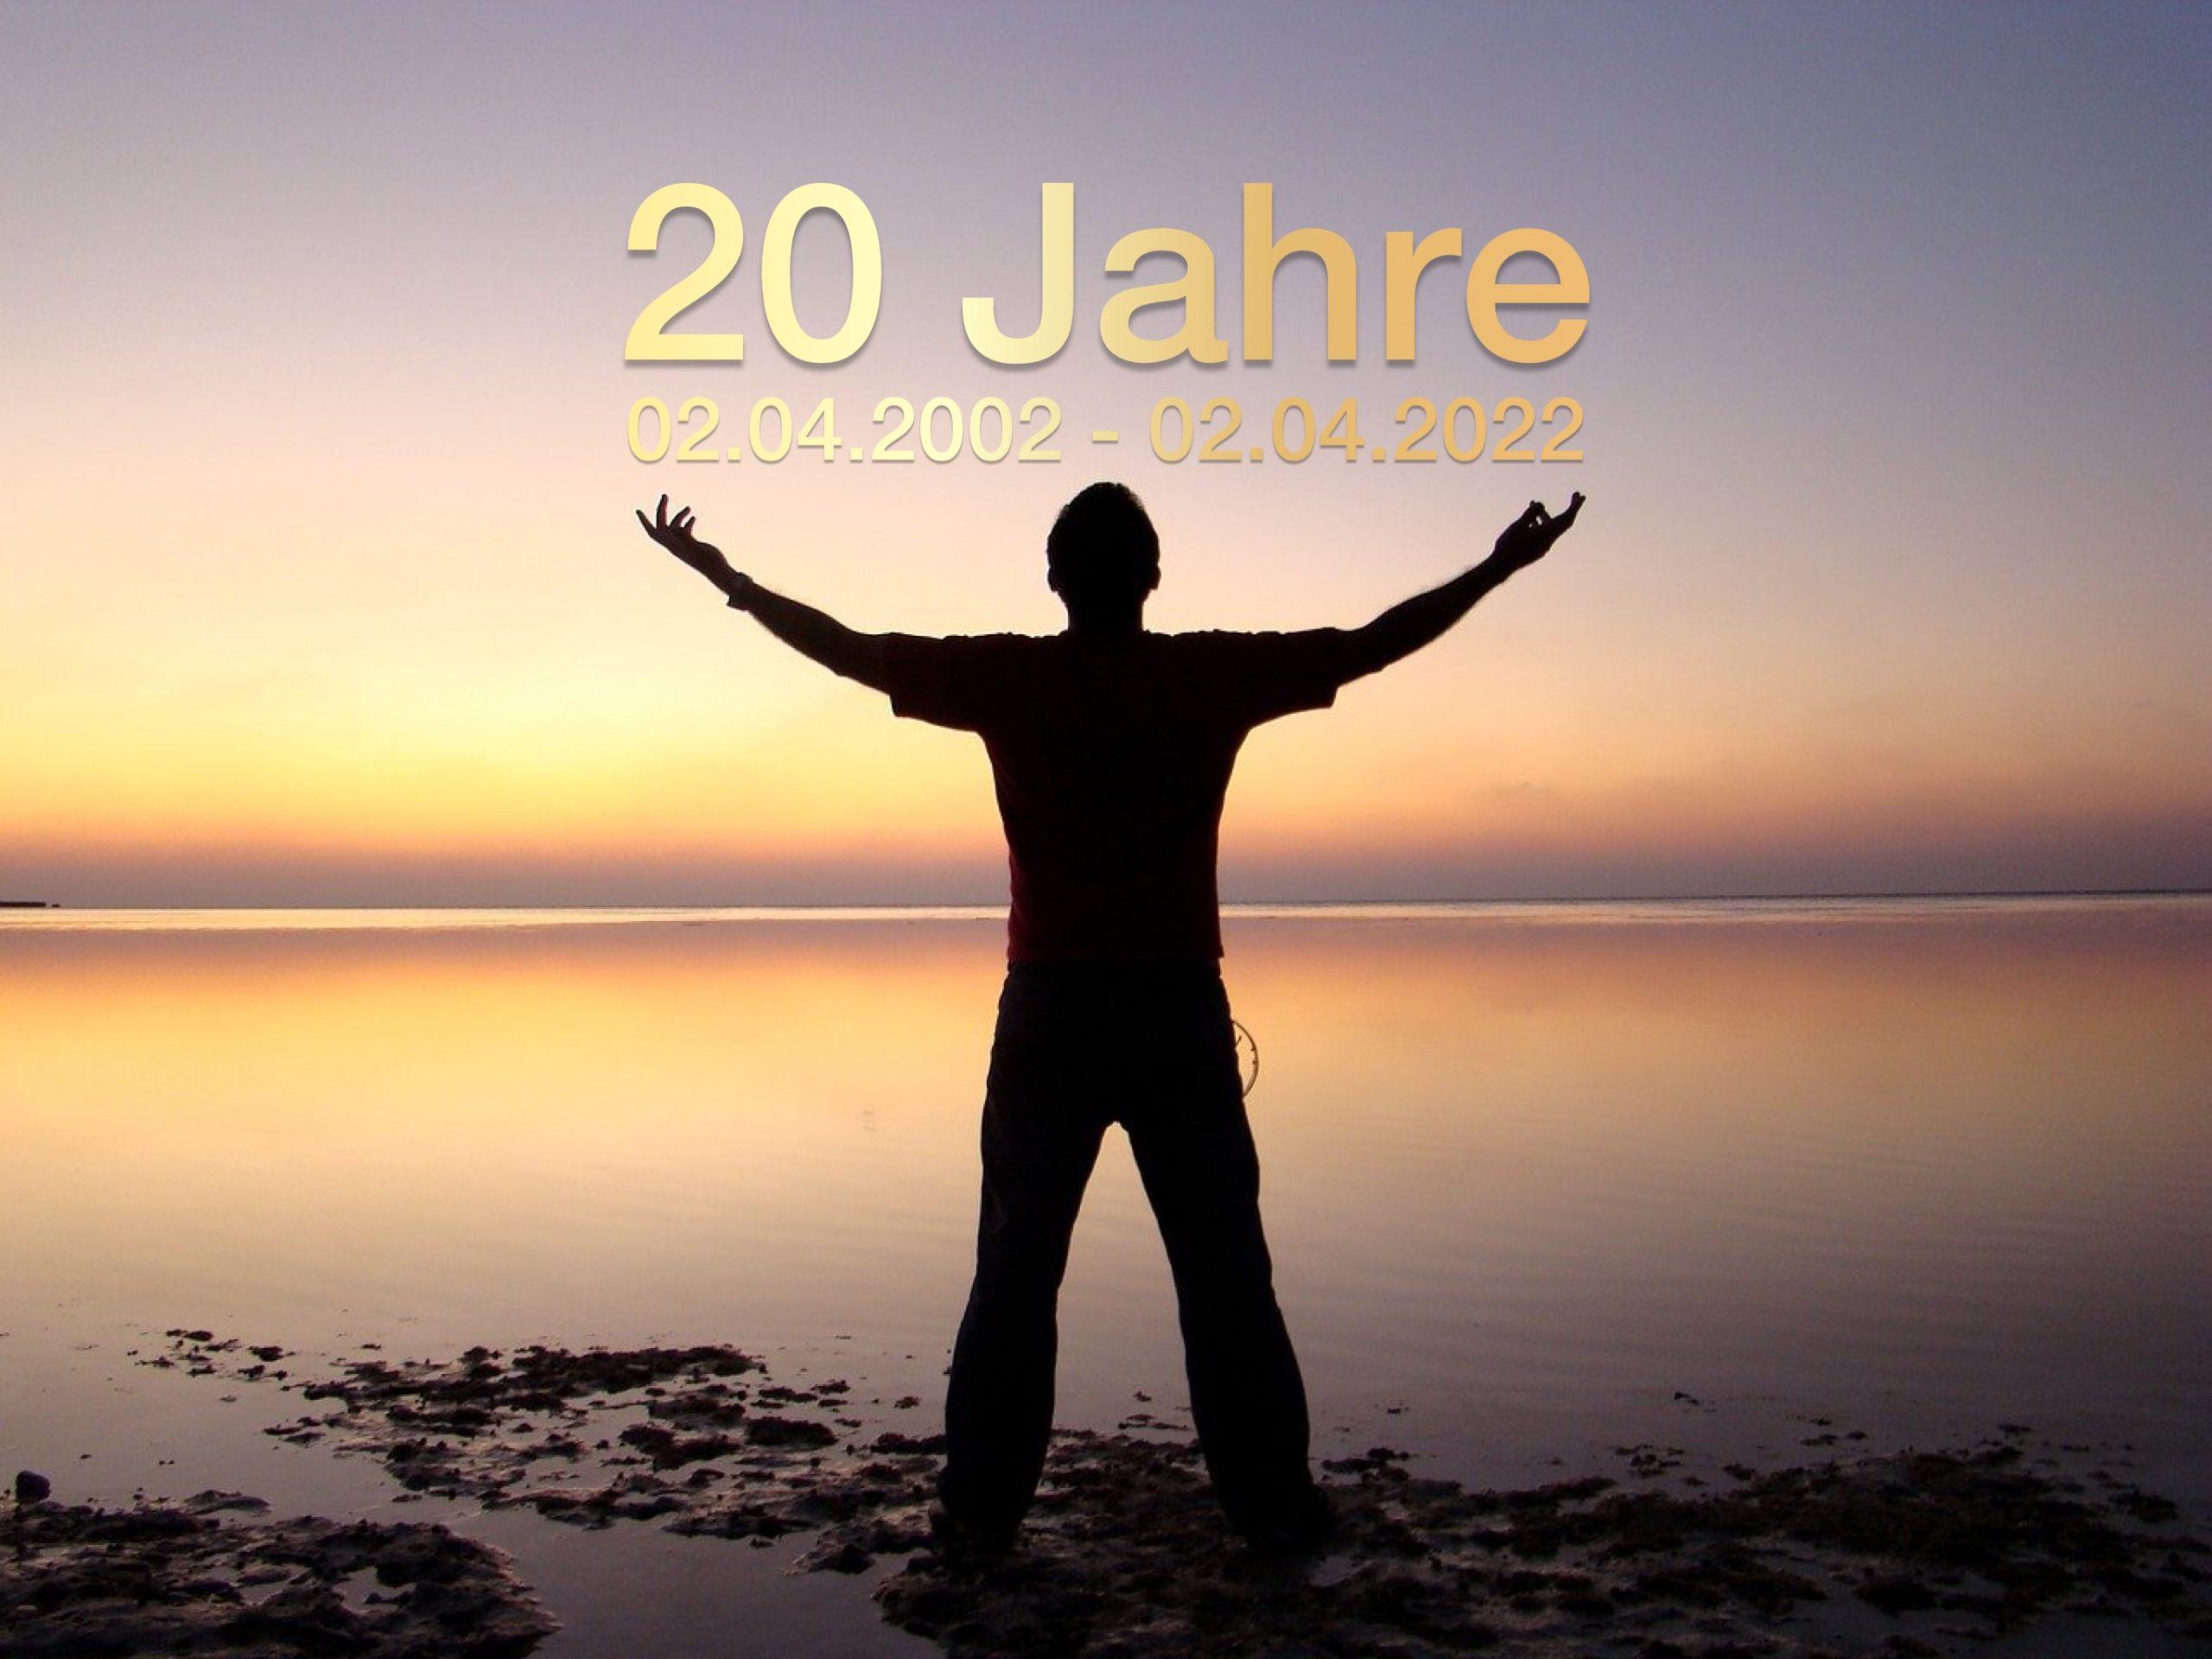 20 Jahre Heidesee - Nobel